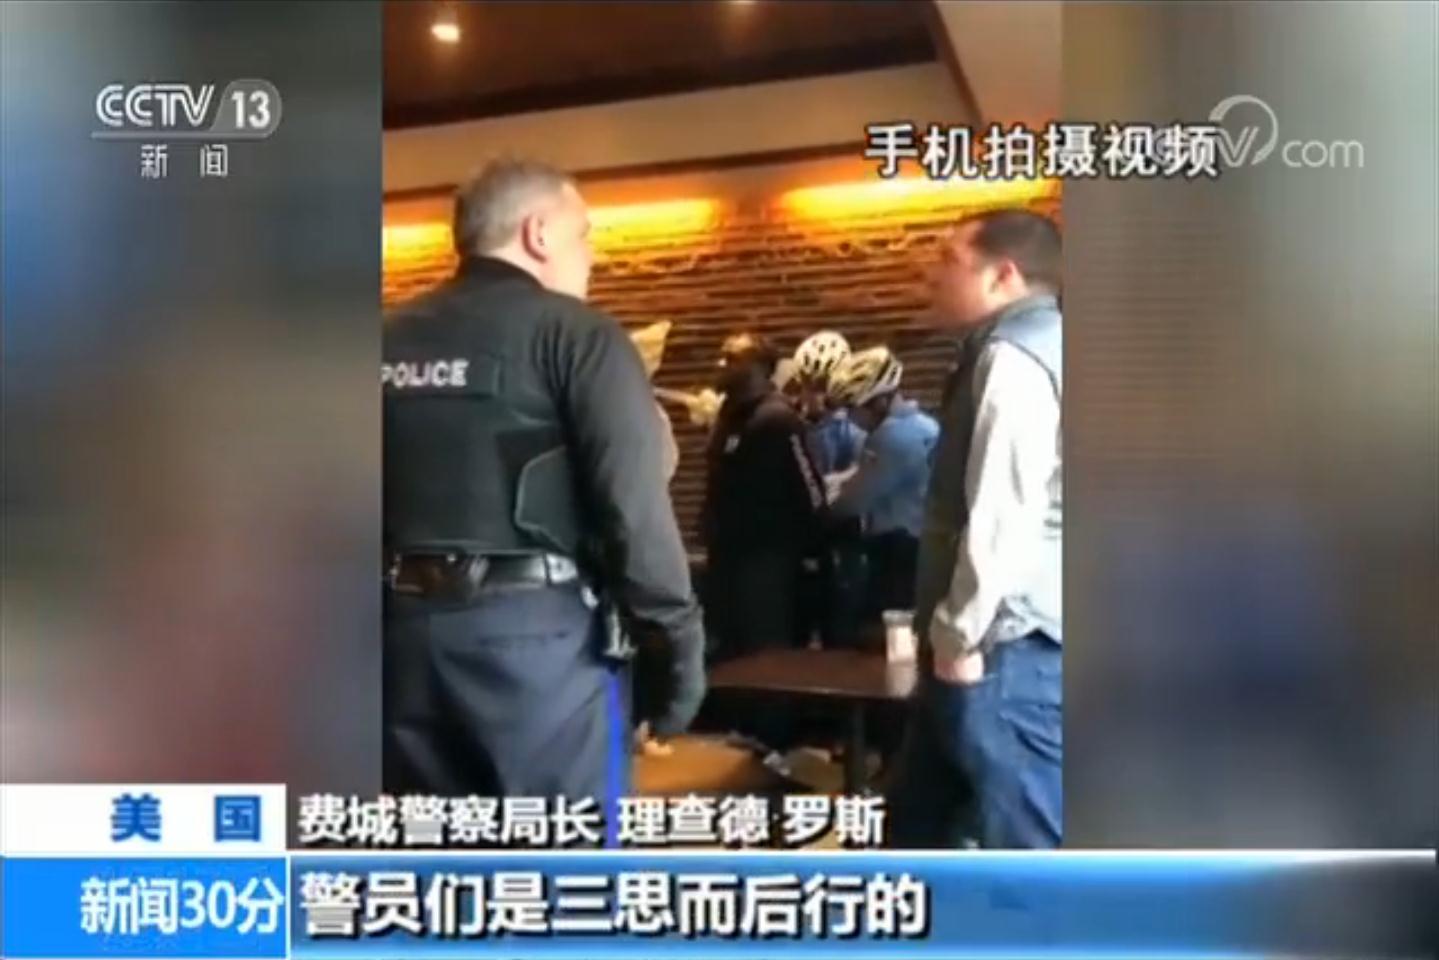 两黑人男子在星巴克无故被捕 公司首席执行官道歉